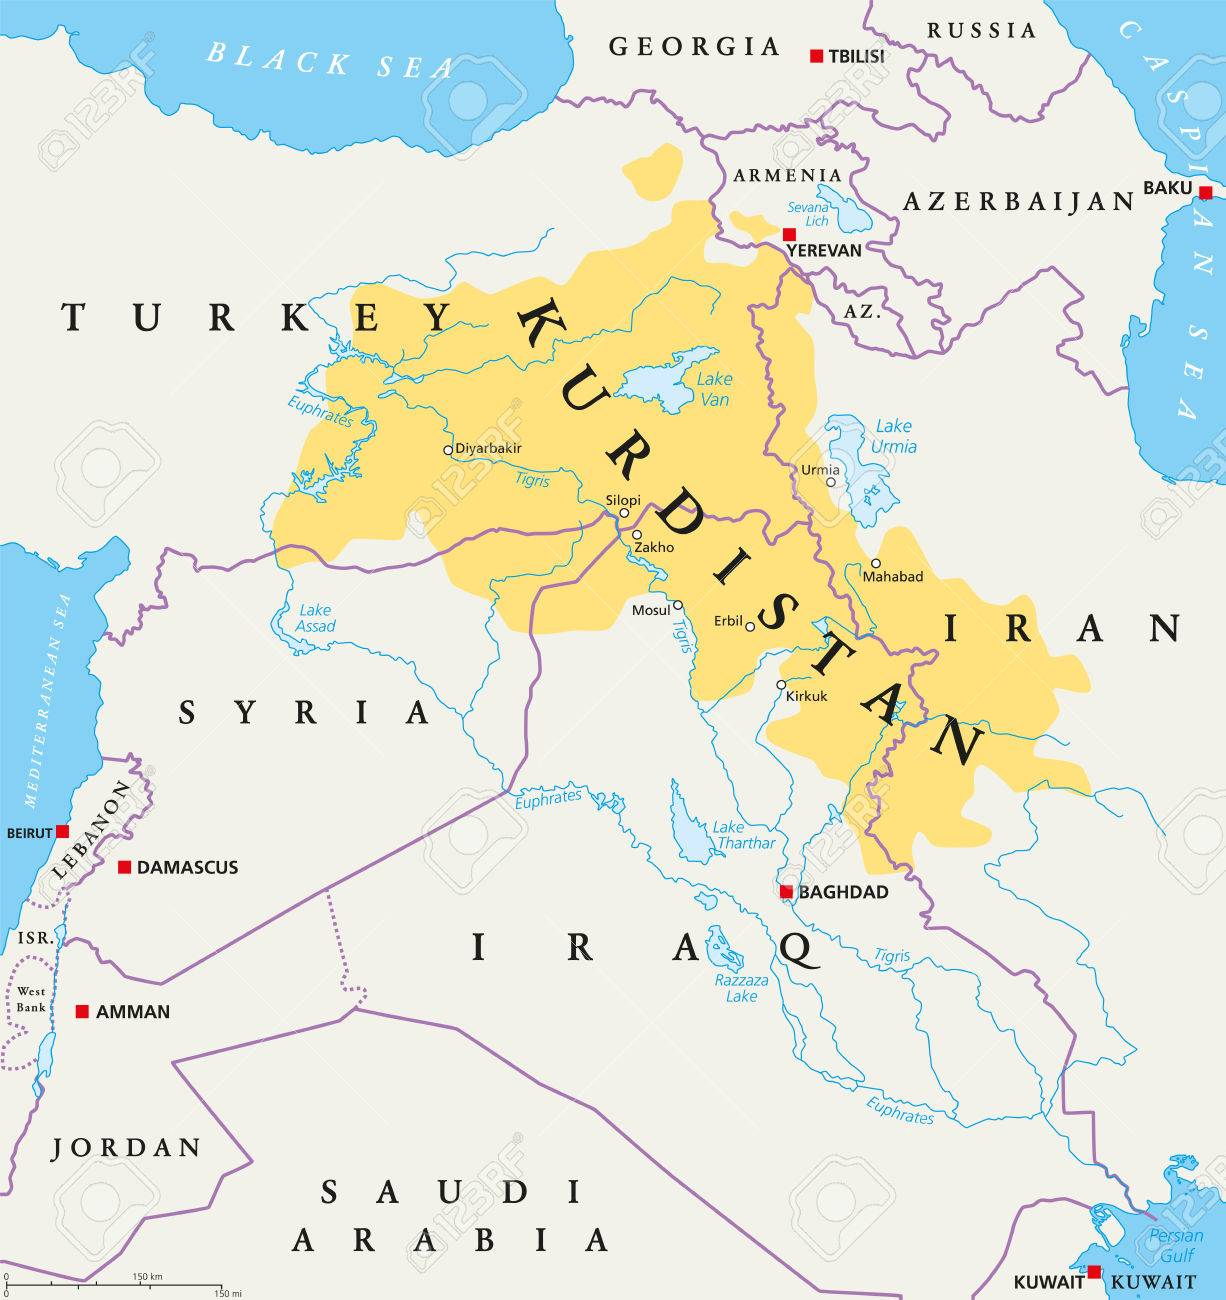 Bildergebnis für kurdistan